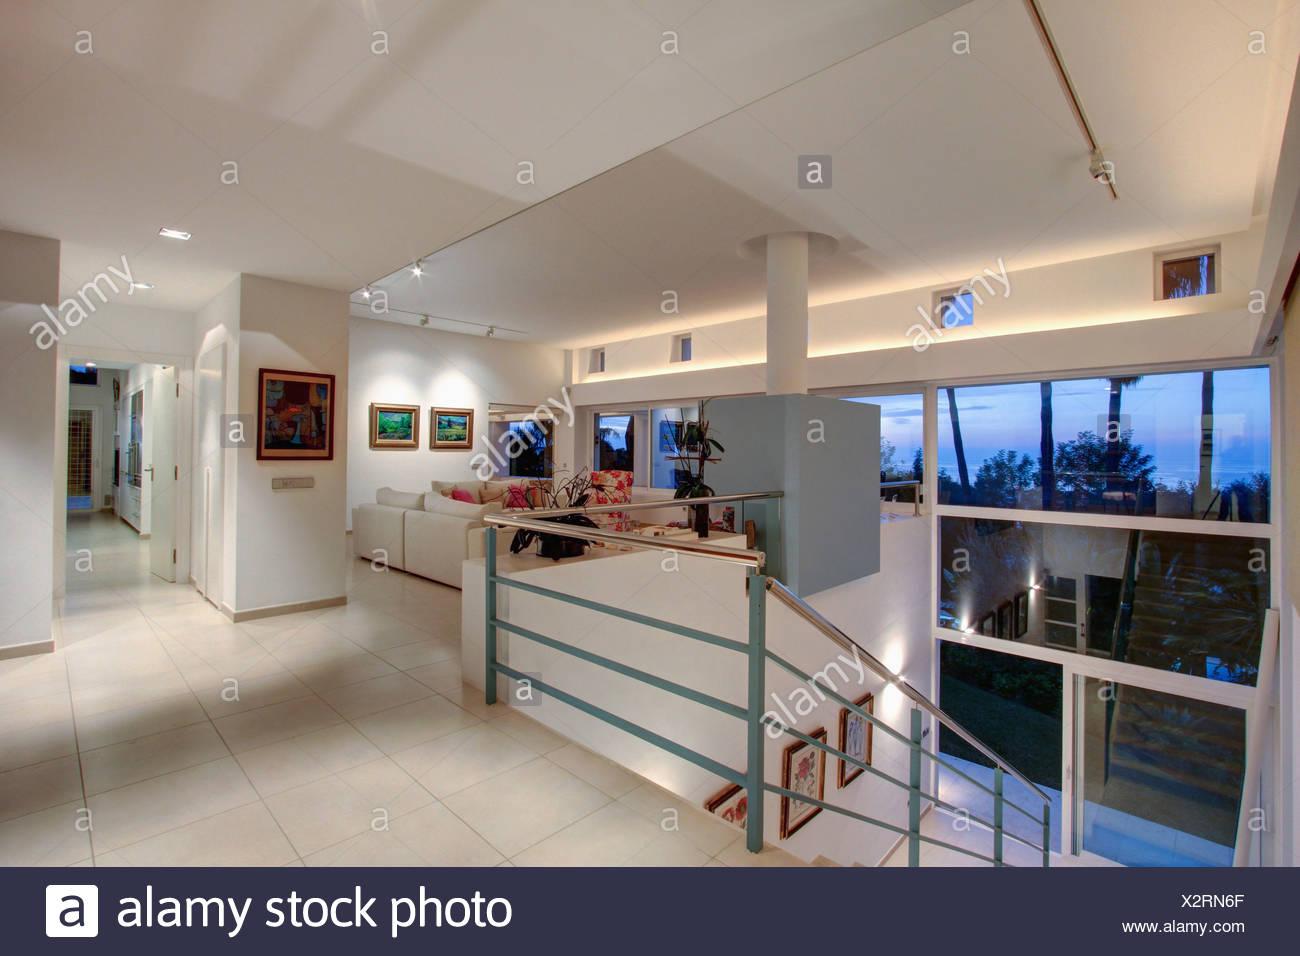 Fußboden Im Wohnbereich ~ Weiße keramik fußboden auf große offene landung mit weißen sofas